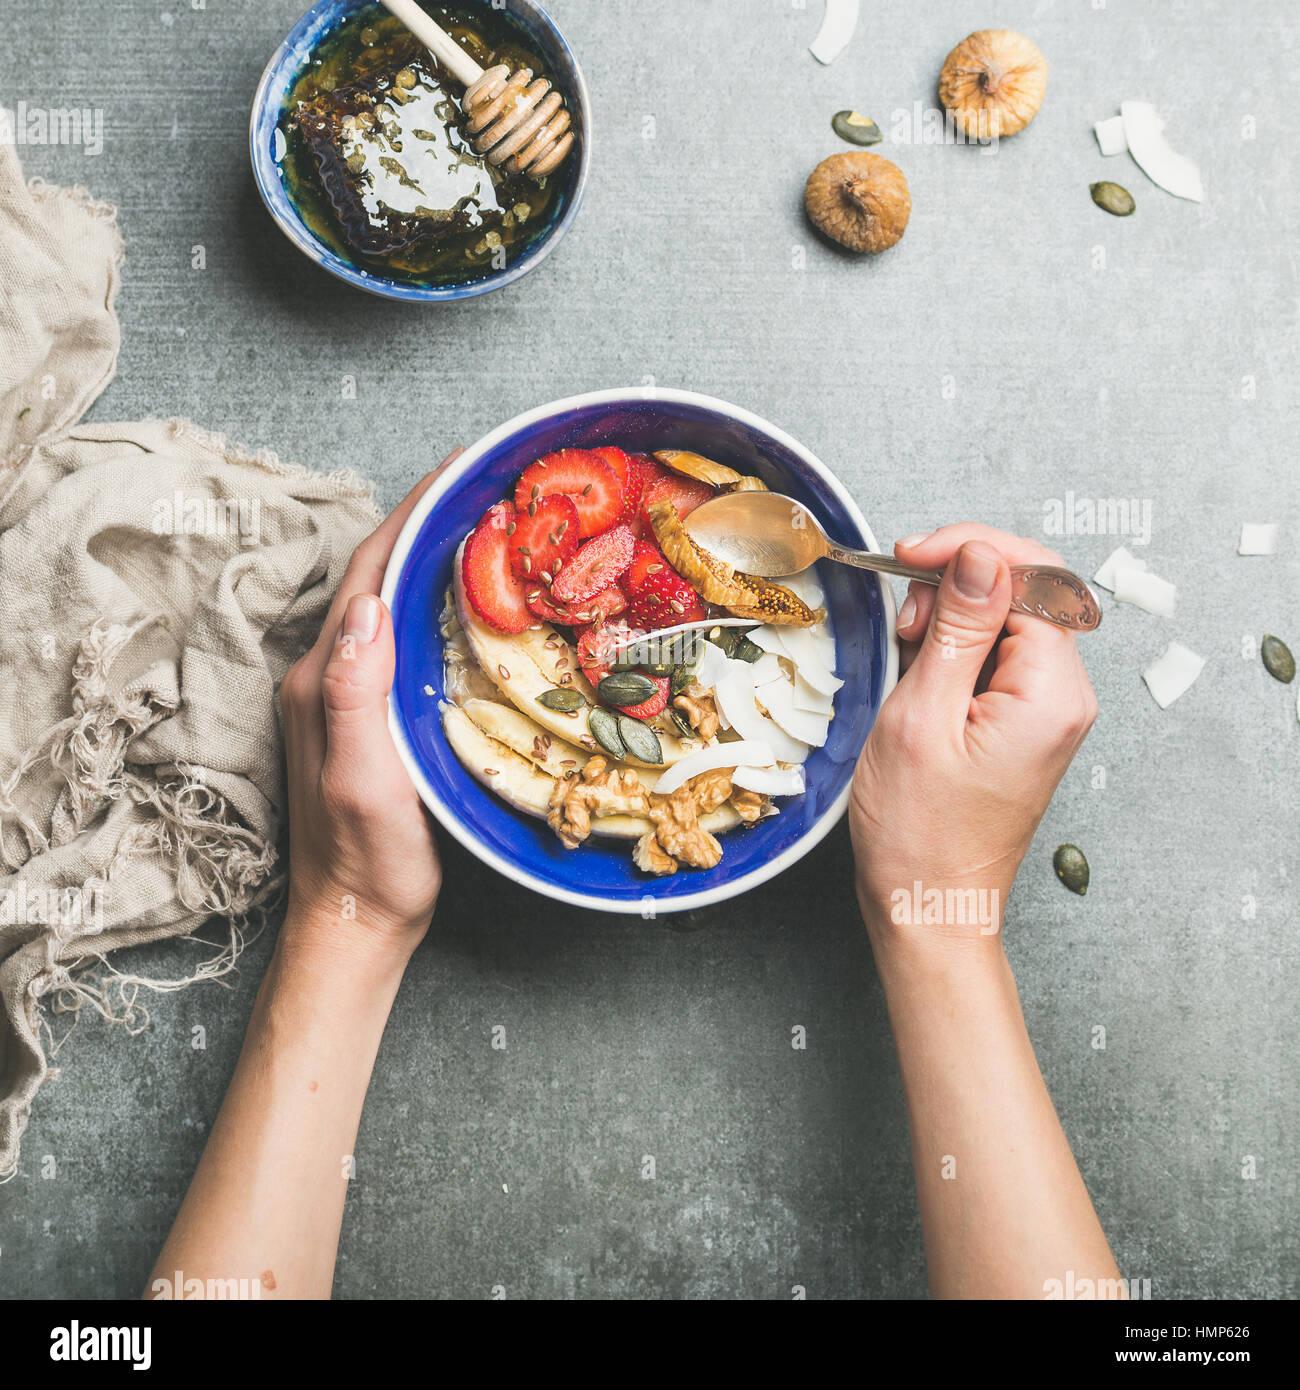 Mangiare sano breakfast coppa sopra di cemento grigio sfondo Immagini Stock